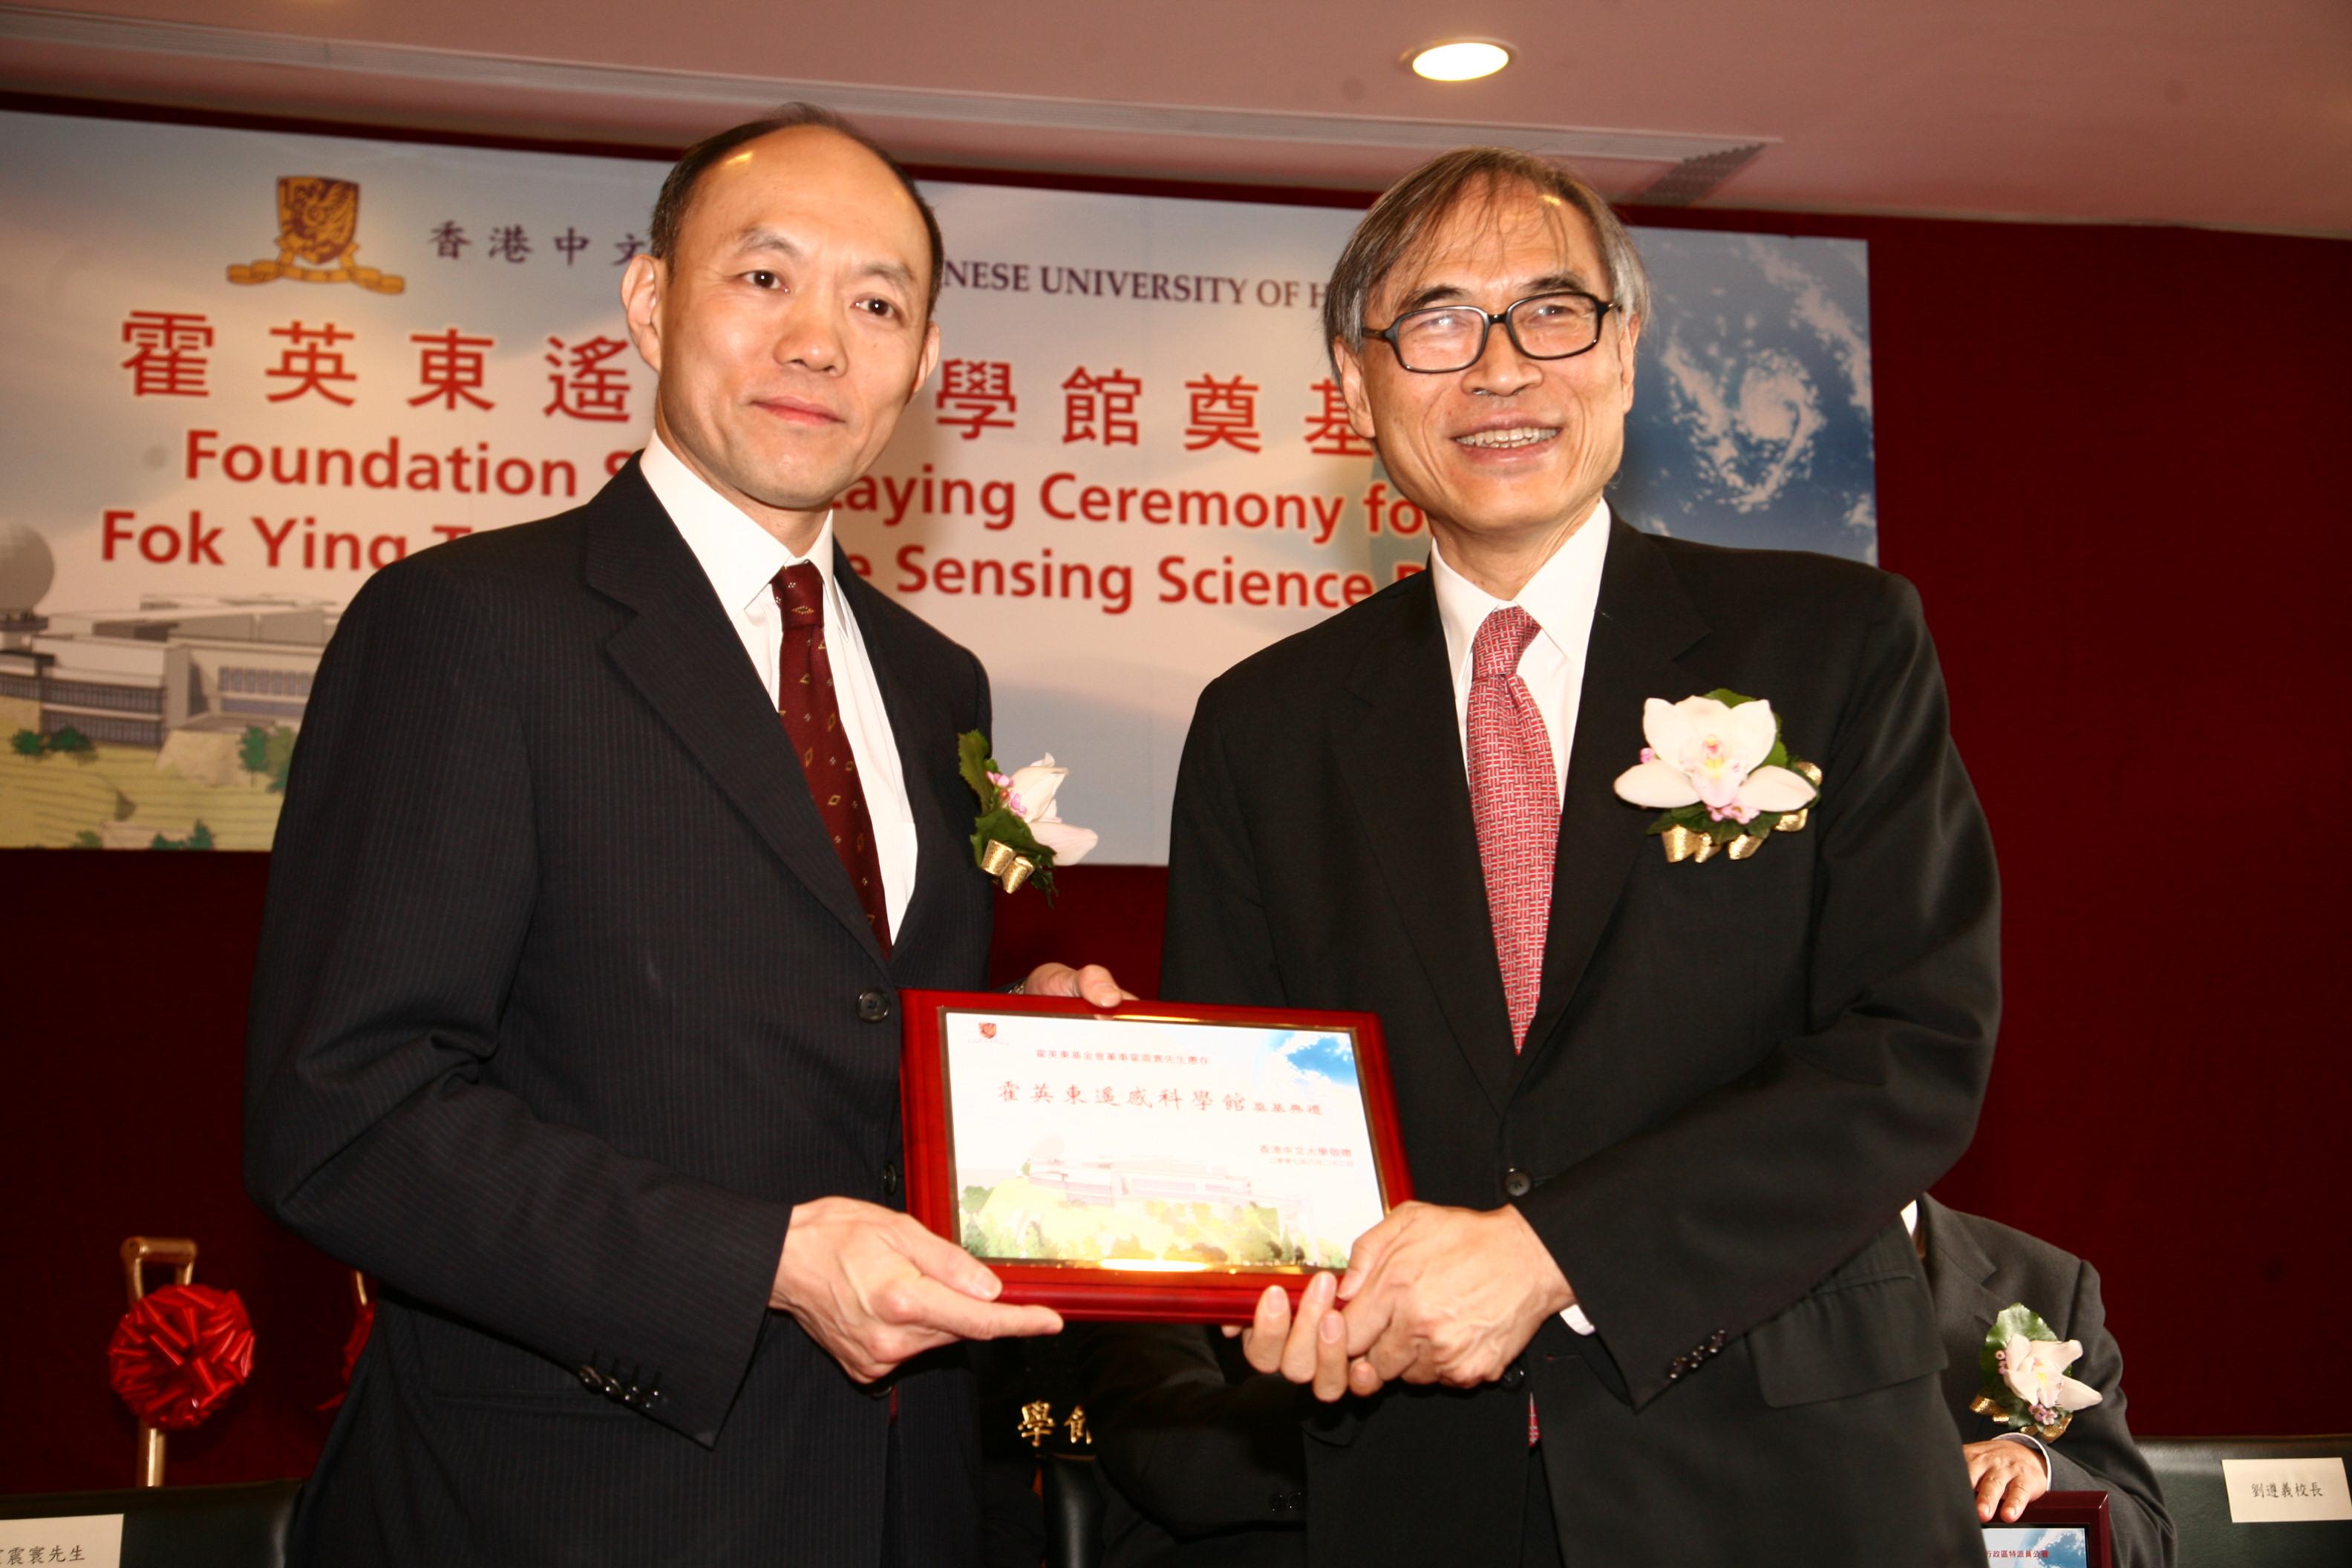 劉遵義教授致送紀念品予霍英東基金會董事霍震寰先生